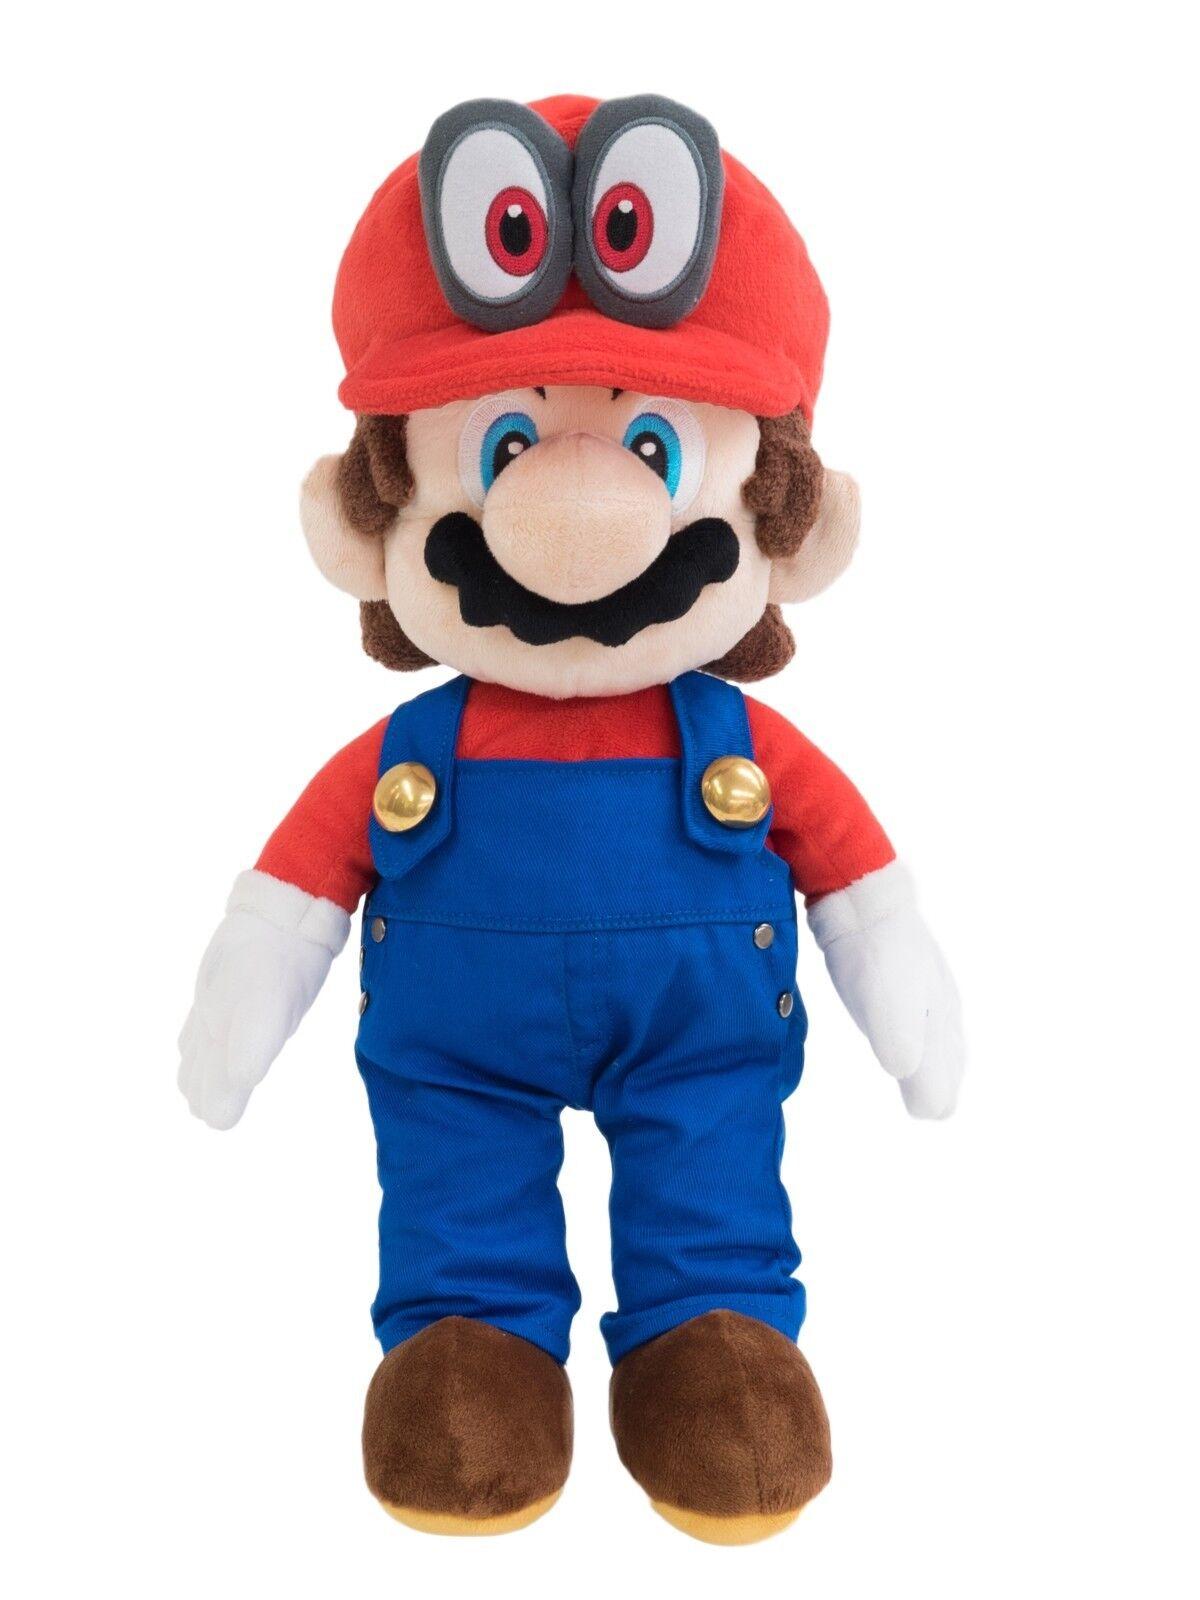 Official San-ei Mario Odyssey 16 Inch Soft Stuffed Plush LB-1693